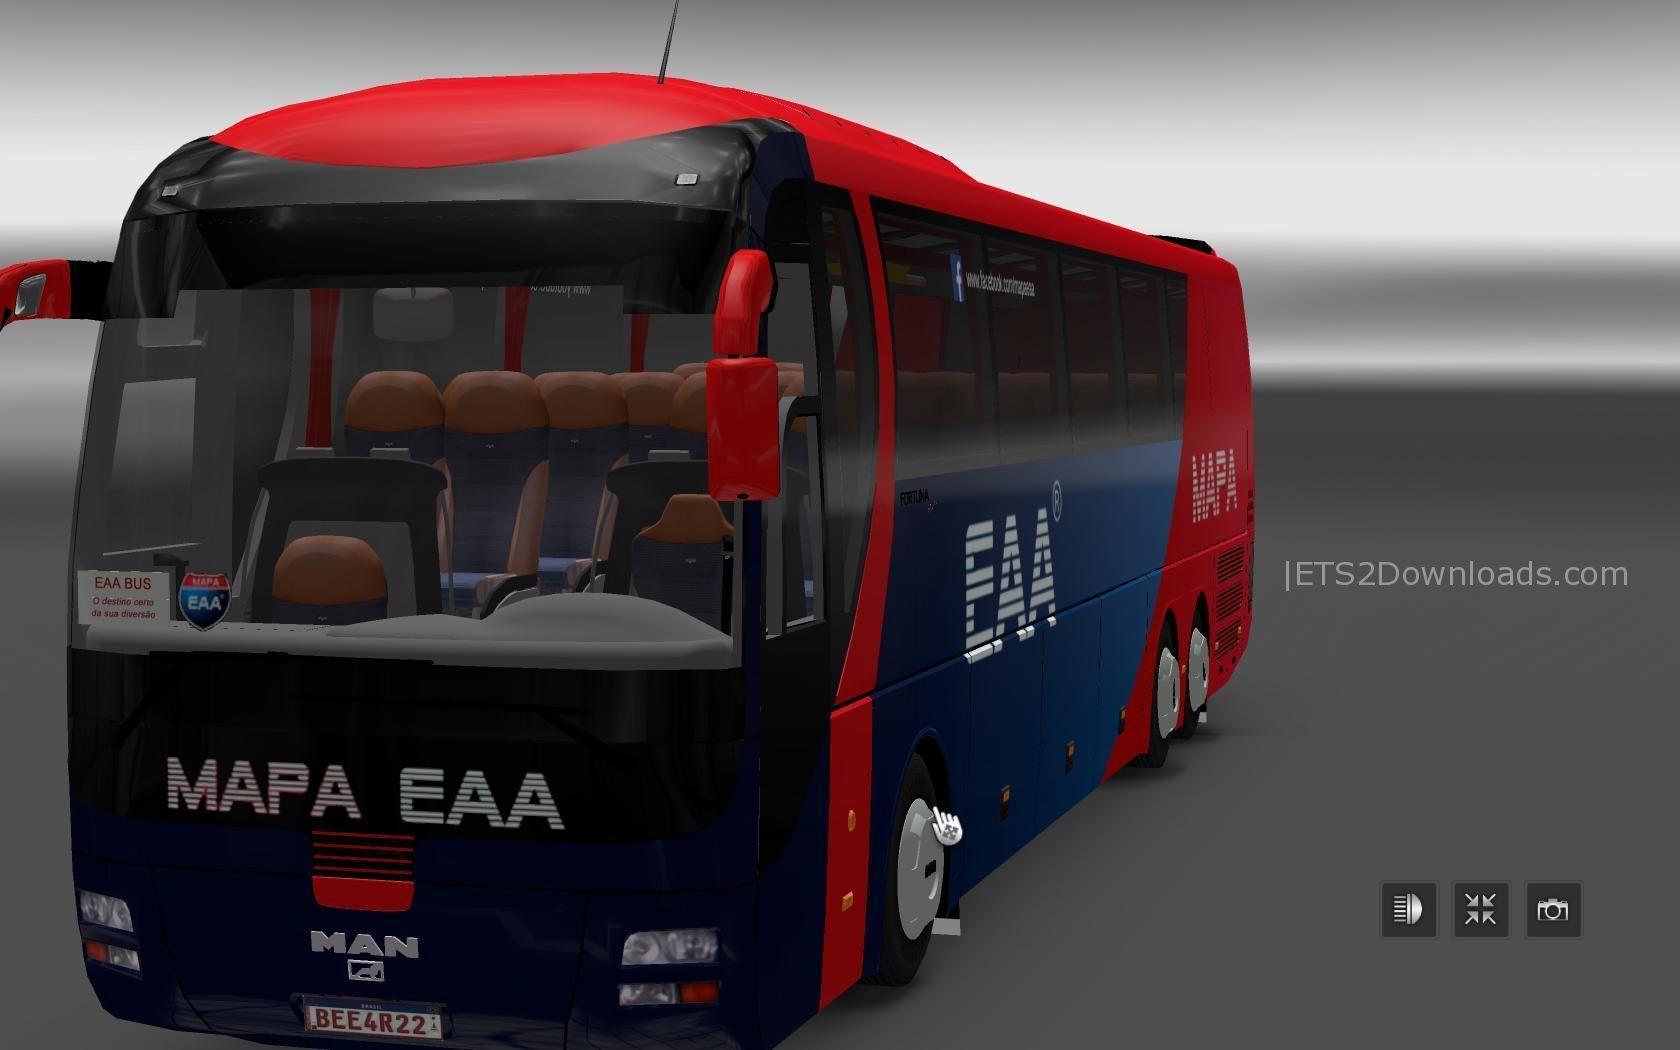 mapa-eaa-bus-3